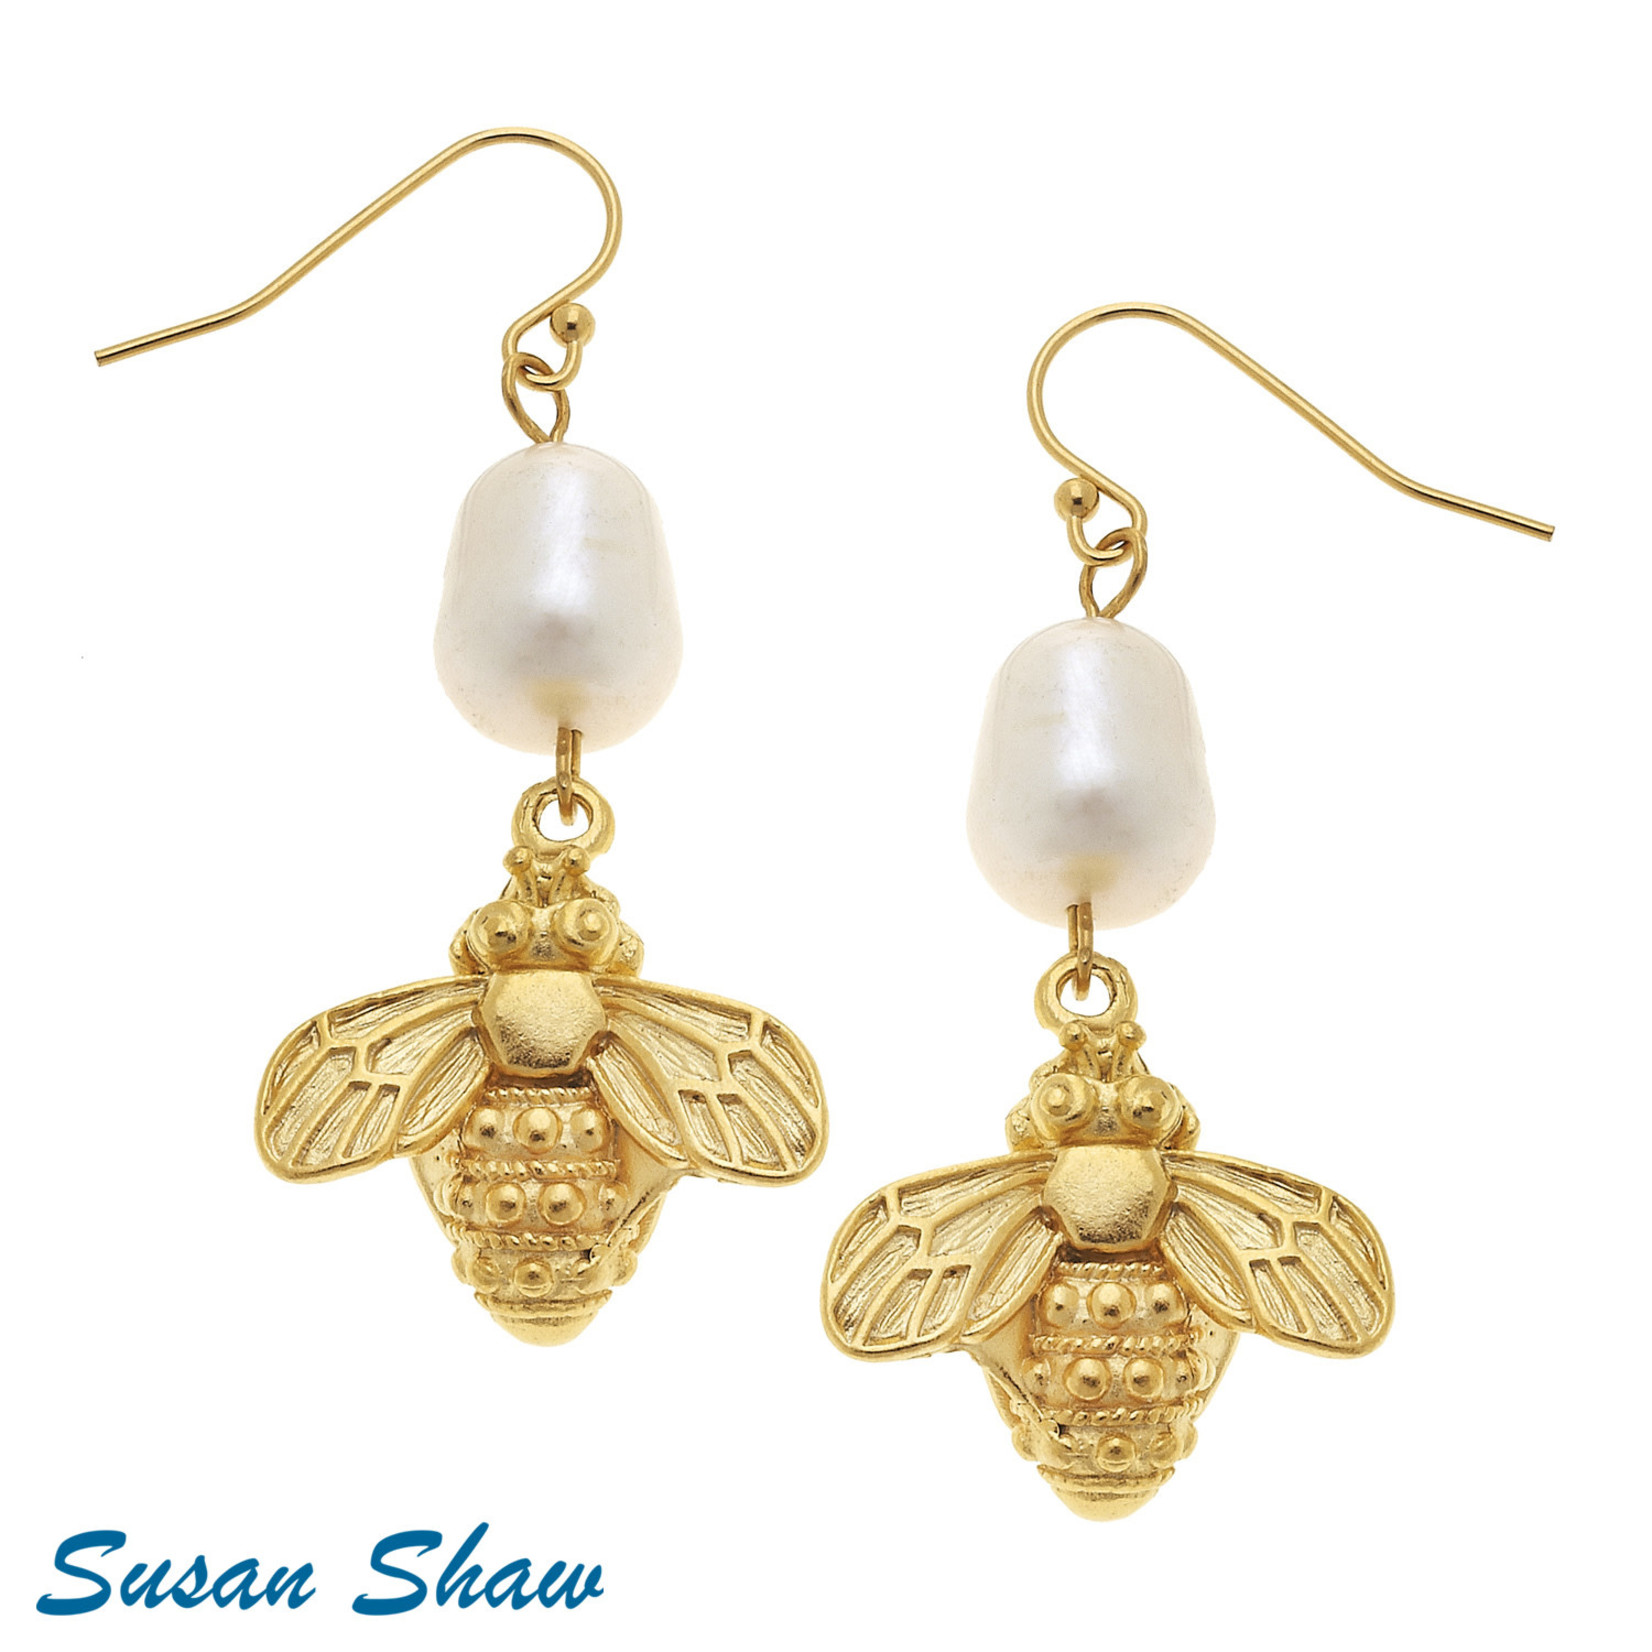 Susan Shaw Susan Shaw Gold & Bee Earring